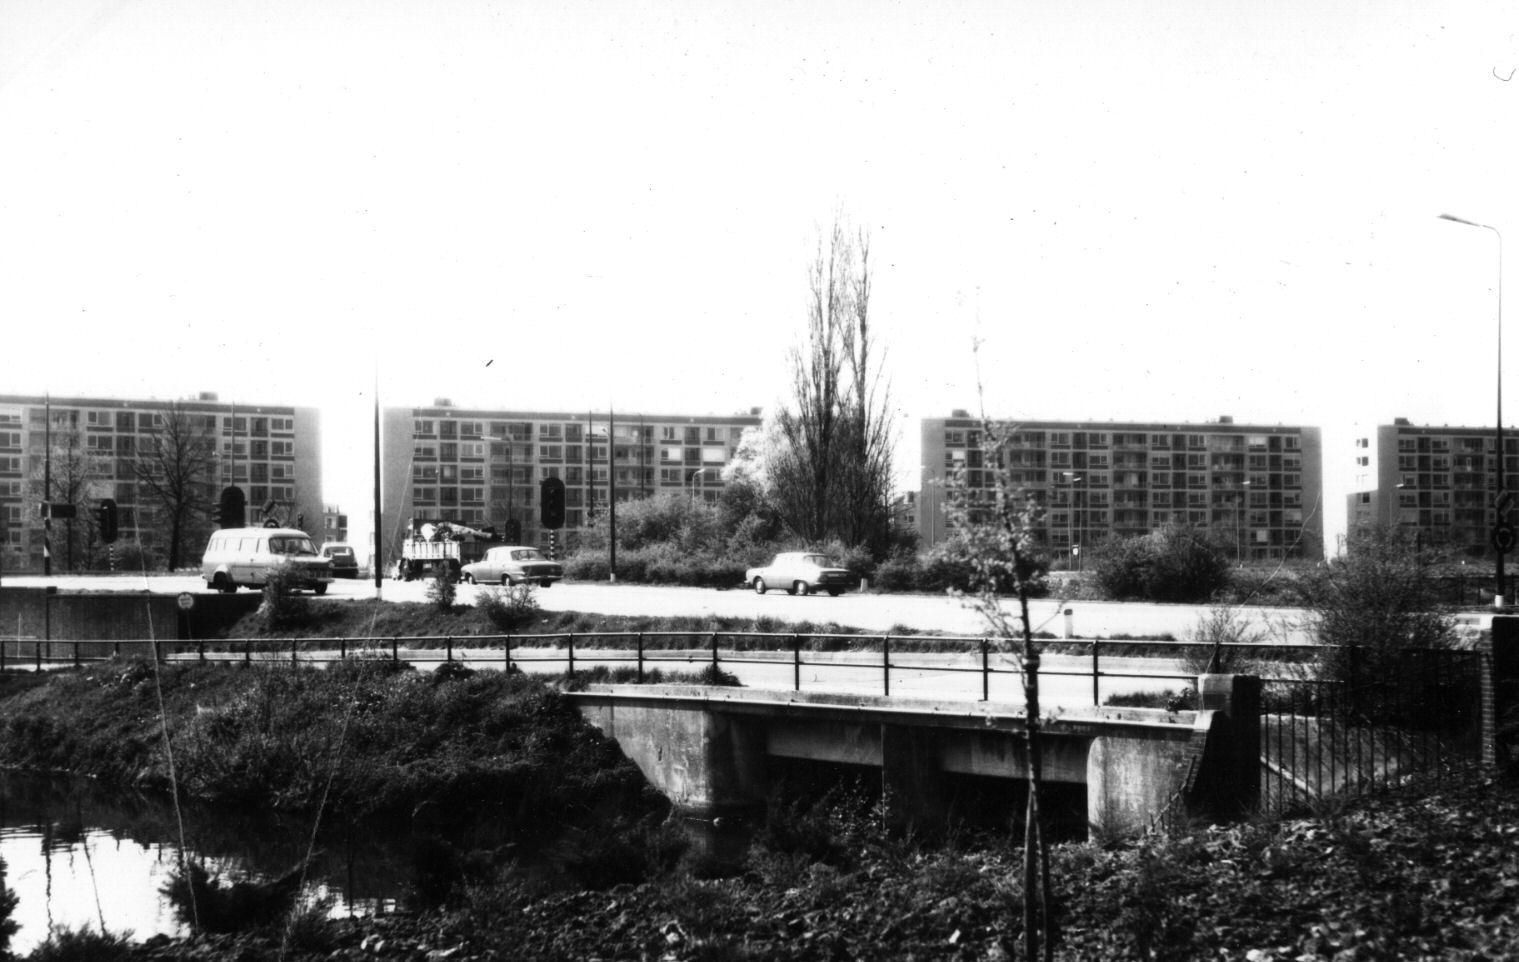 1970: Gezicht op de flatgebouwen aan de Karel Doormanlaan te Utrecht, uit het zuidoosten; in het midden de Biltsestraatweg en links de Berekuil.